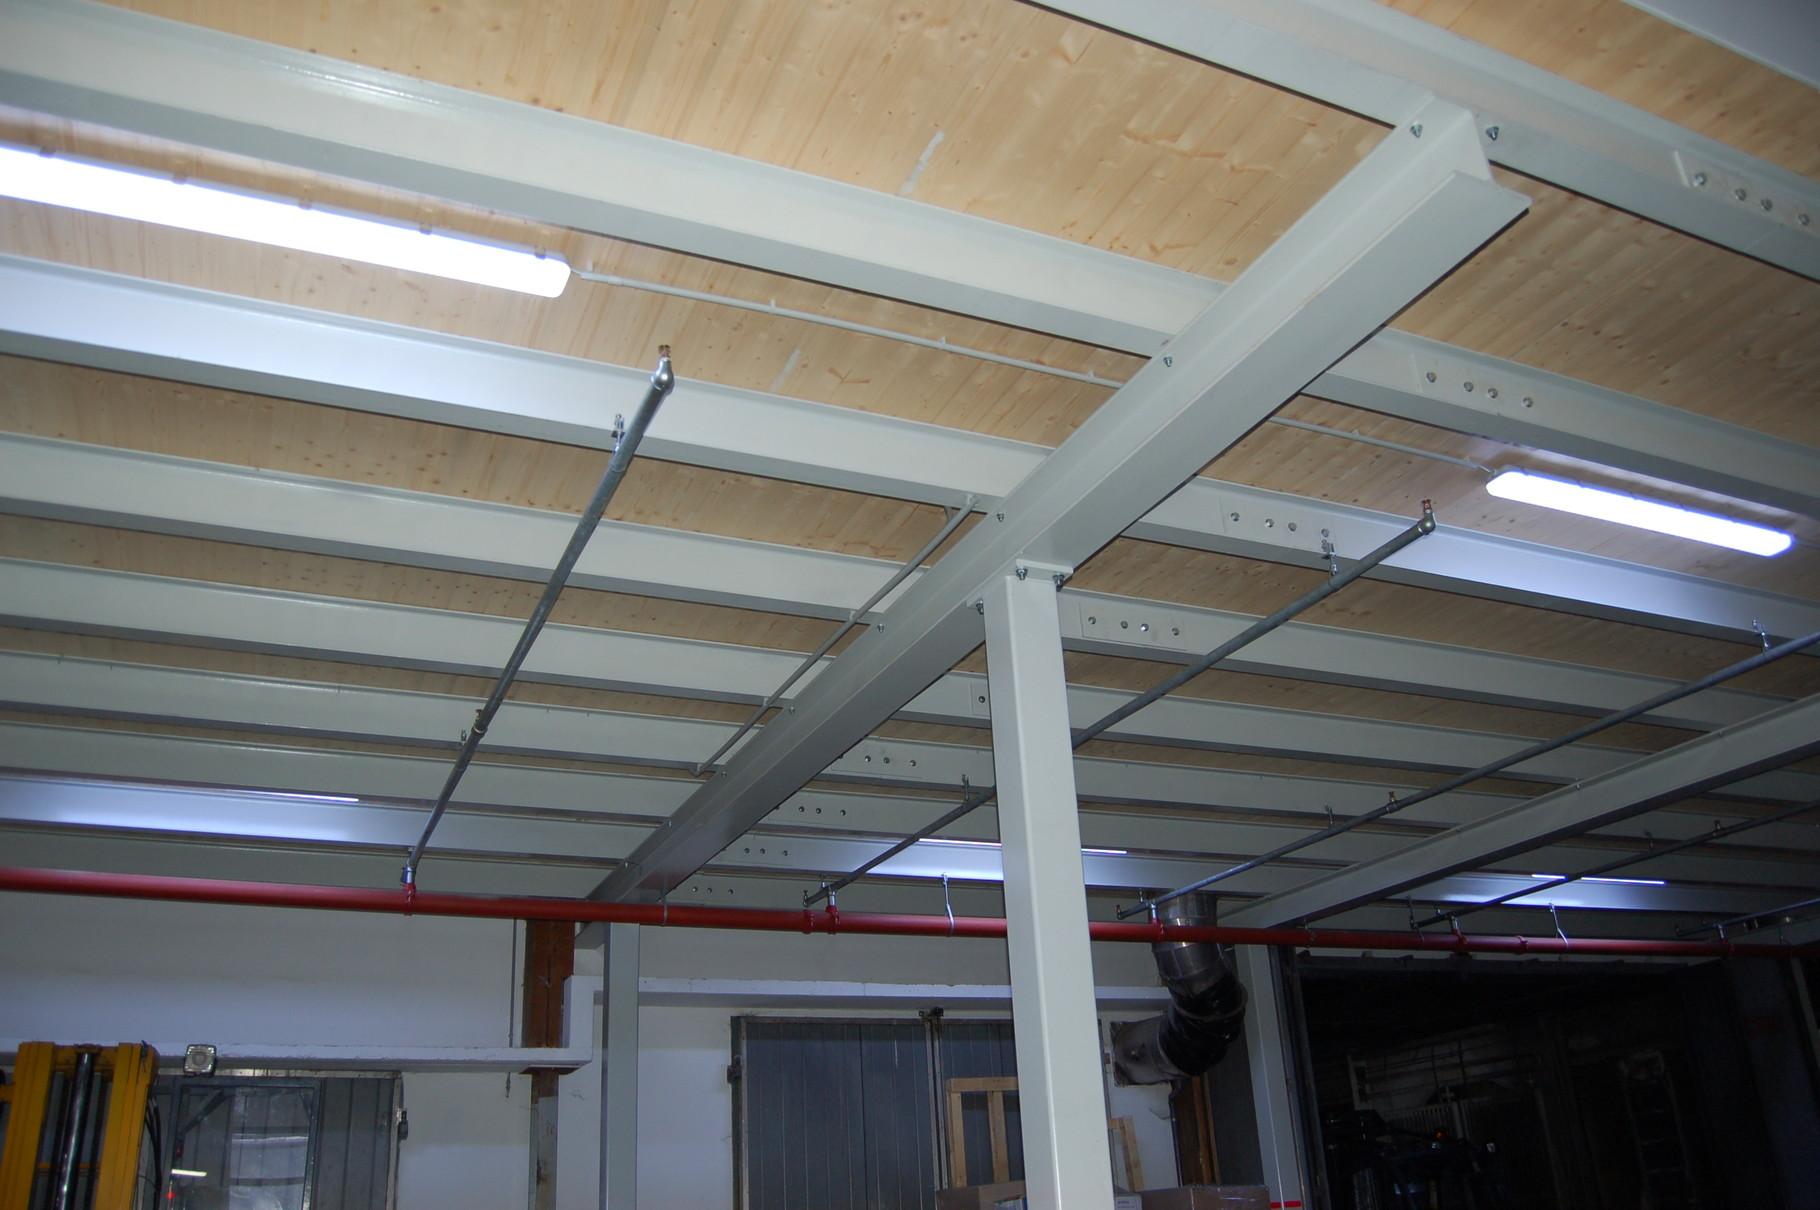 Stahlkonstruktion in einer bestehenden Lagerhalle